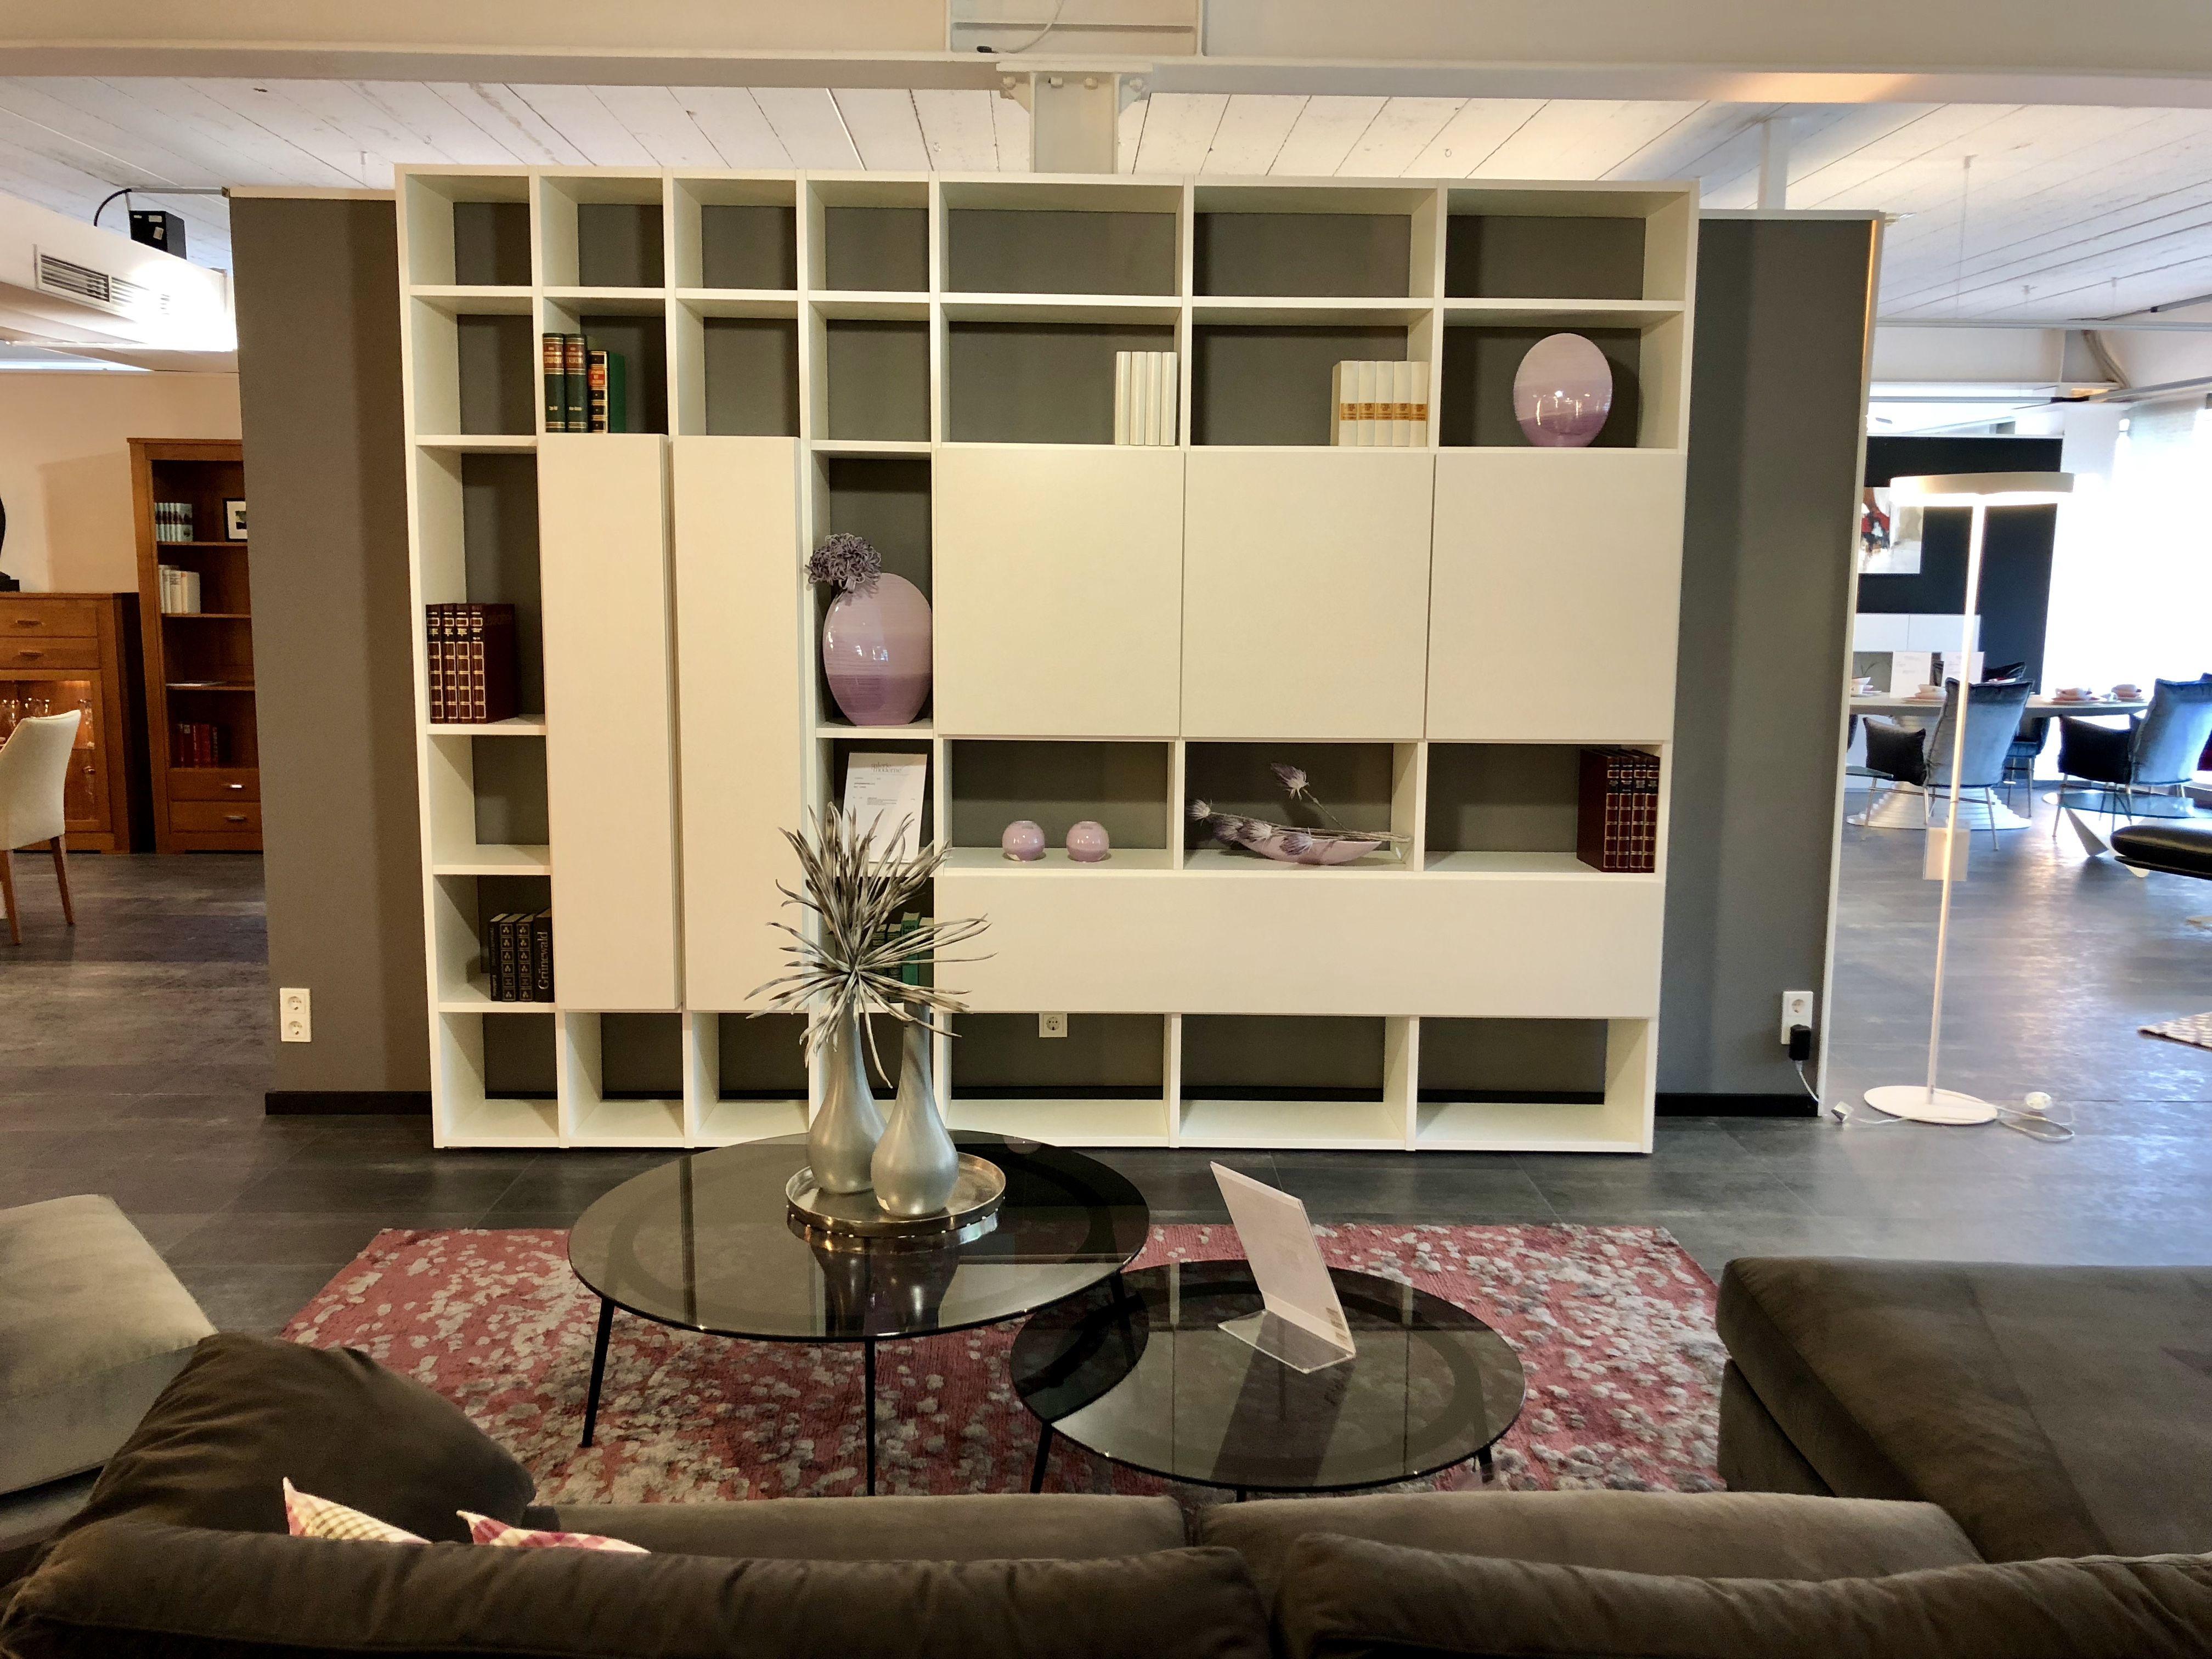 qualitäts möbel in luxemburg - meubles de qualité au